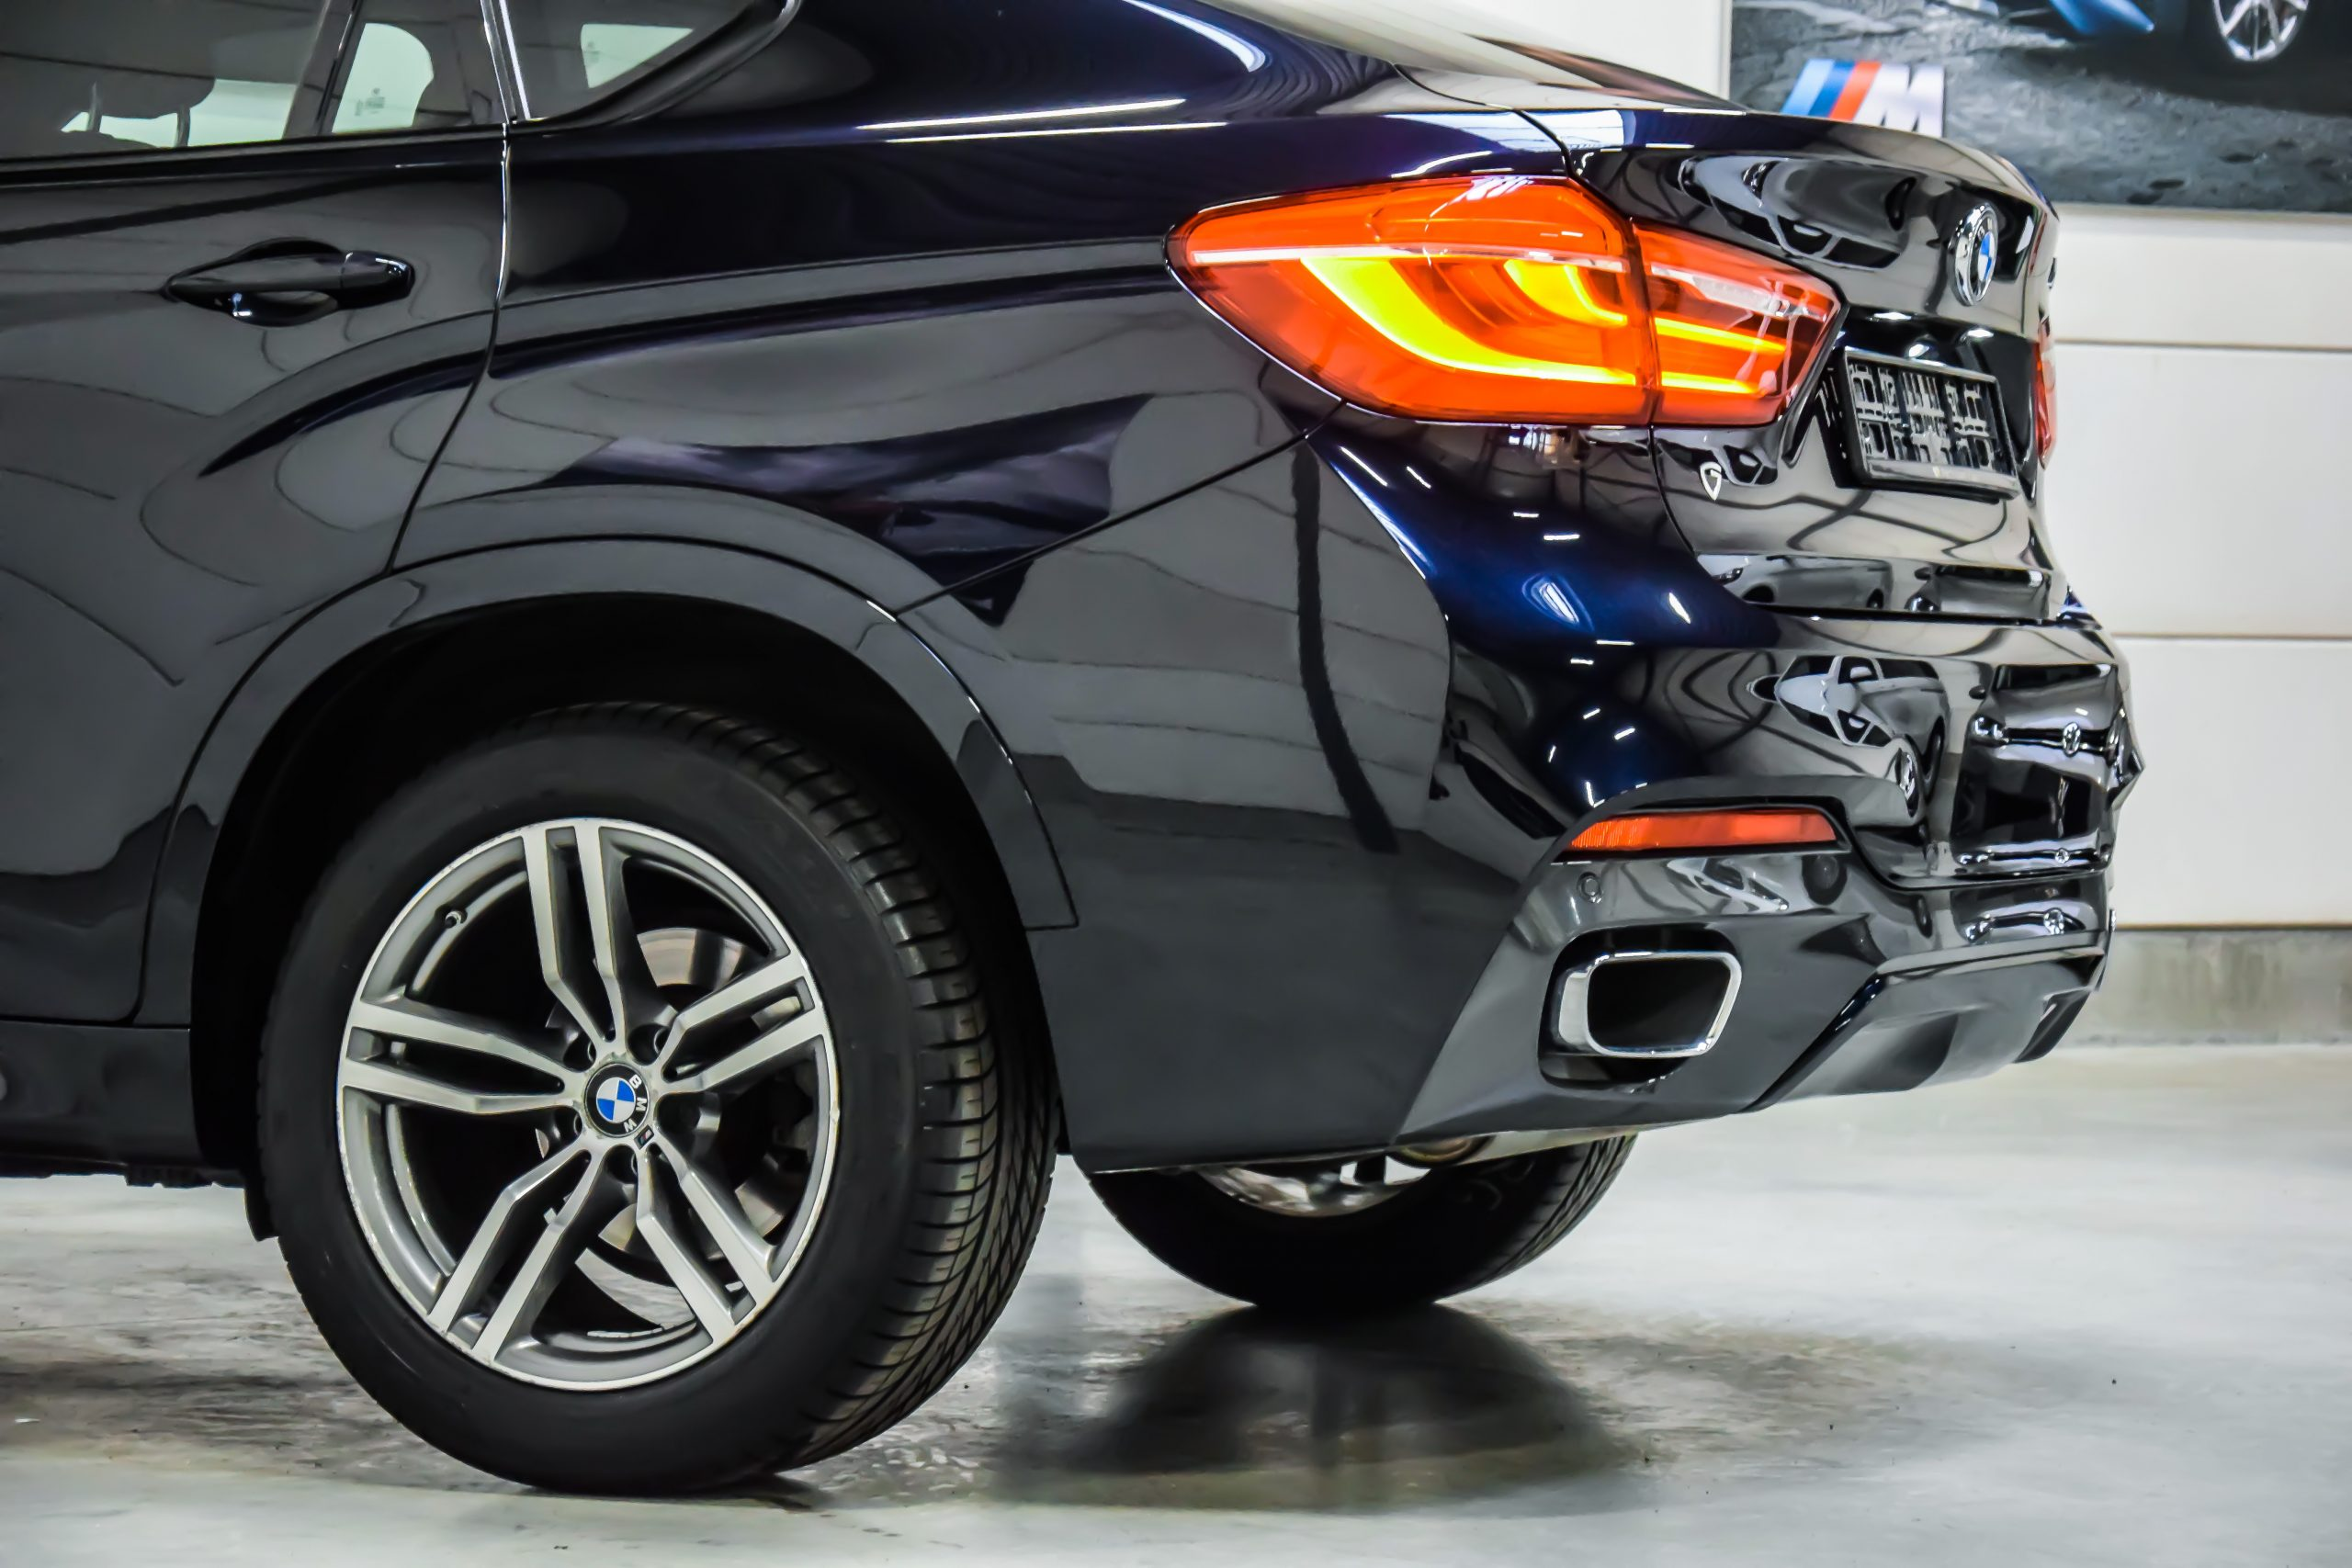 BMW X6 3.0 dAS xDrive30 M-Sportpakket 01/2016